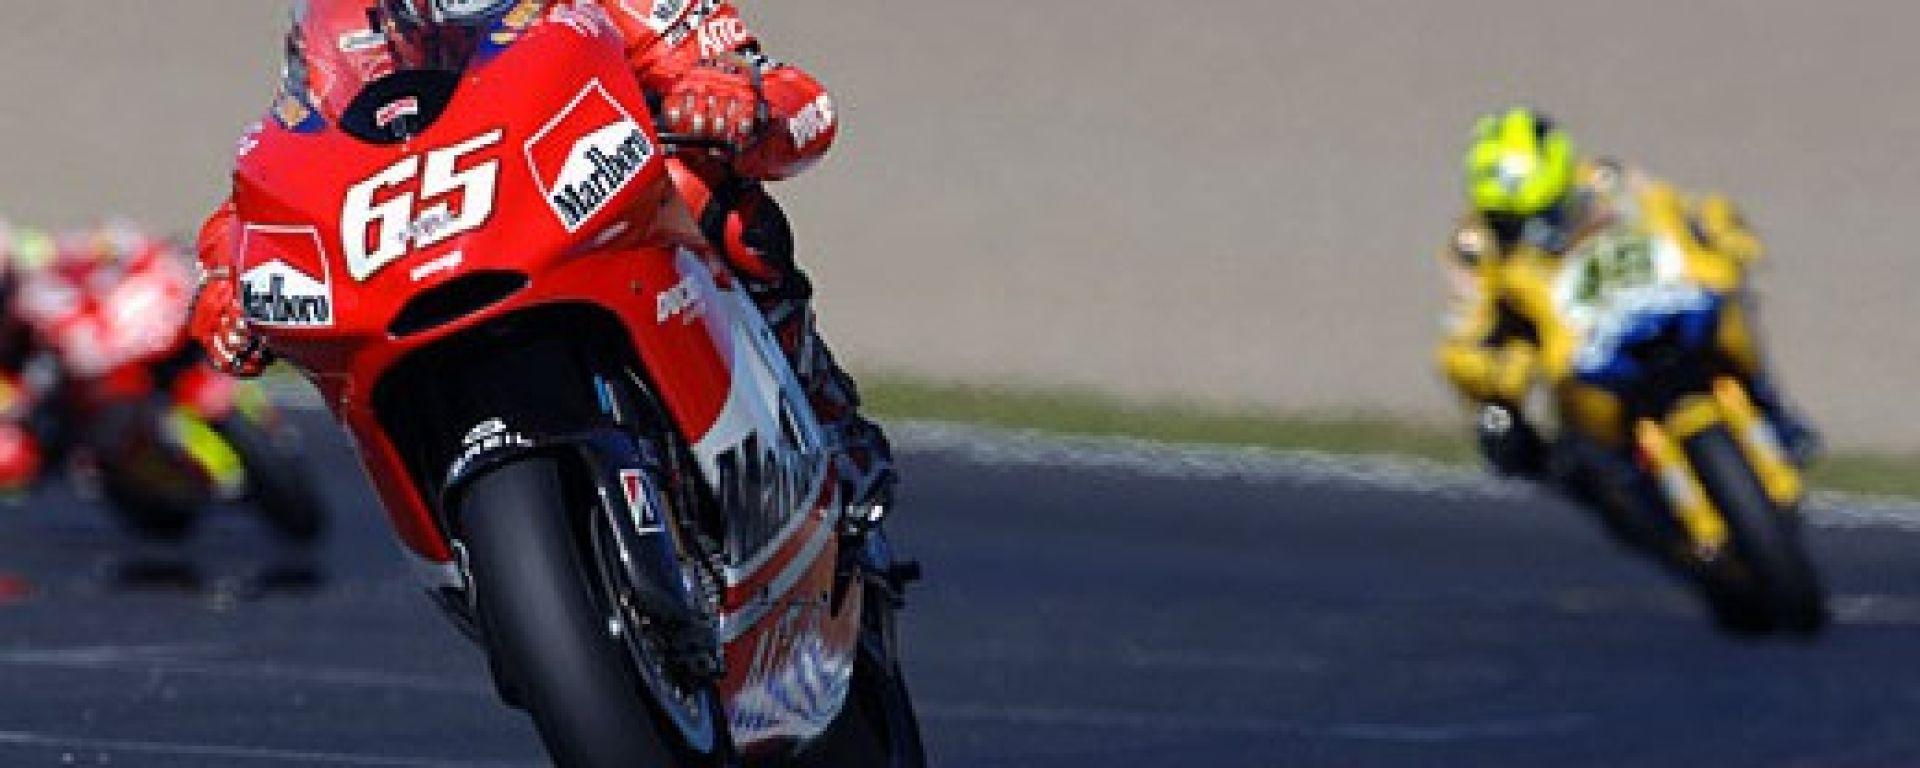 Moto GP: Gran Premio del Giappone